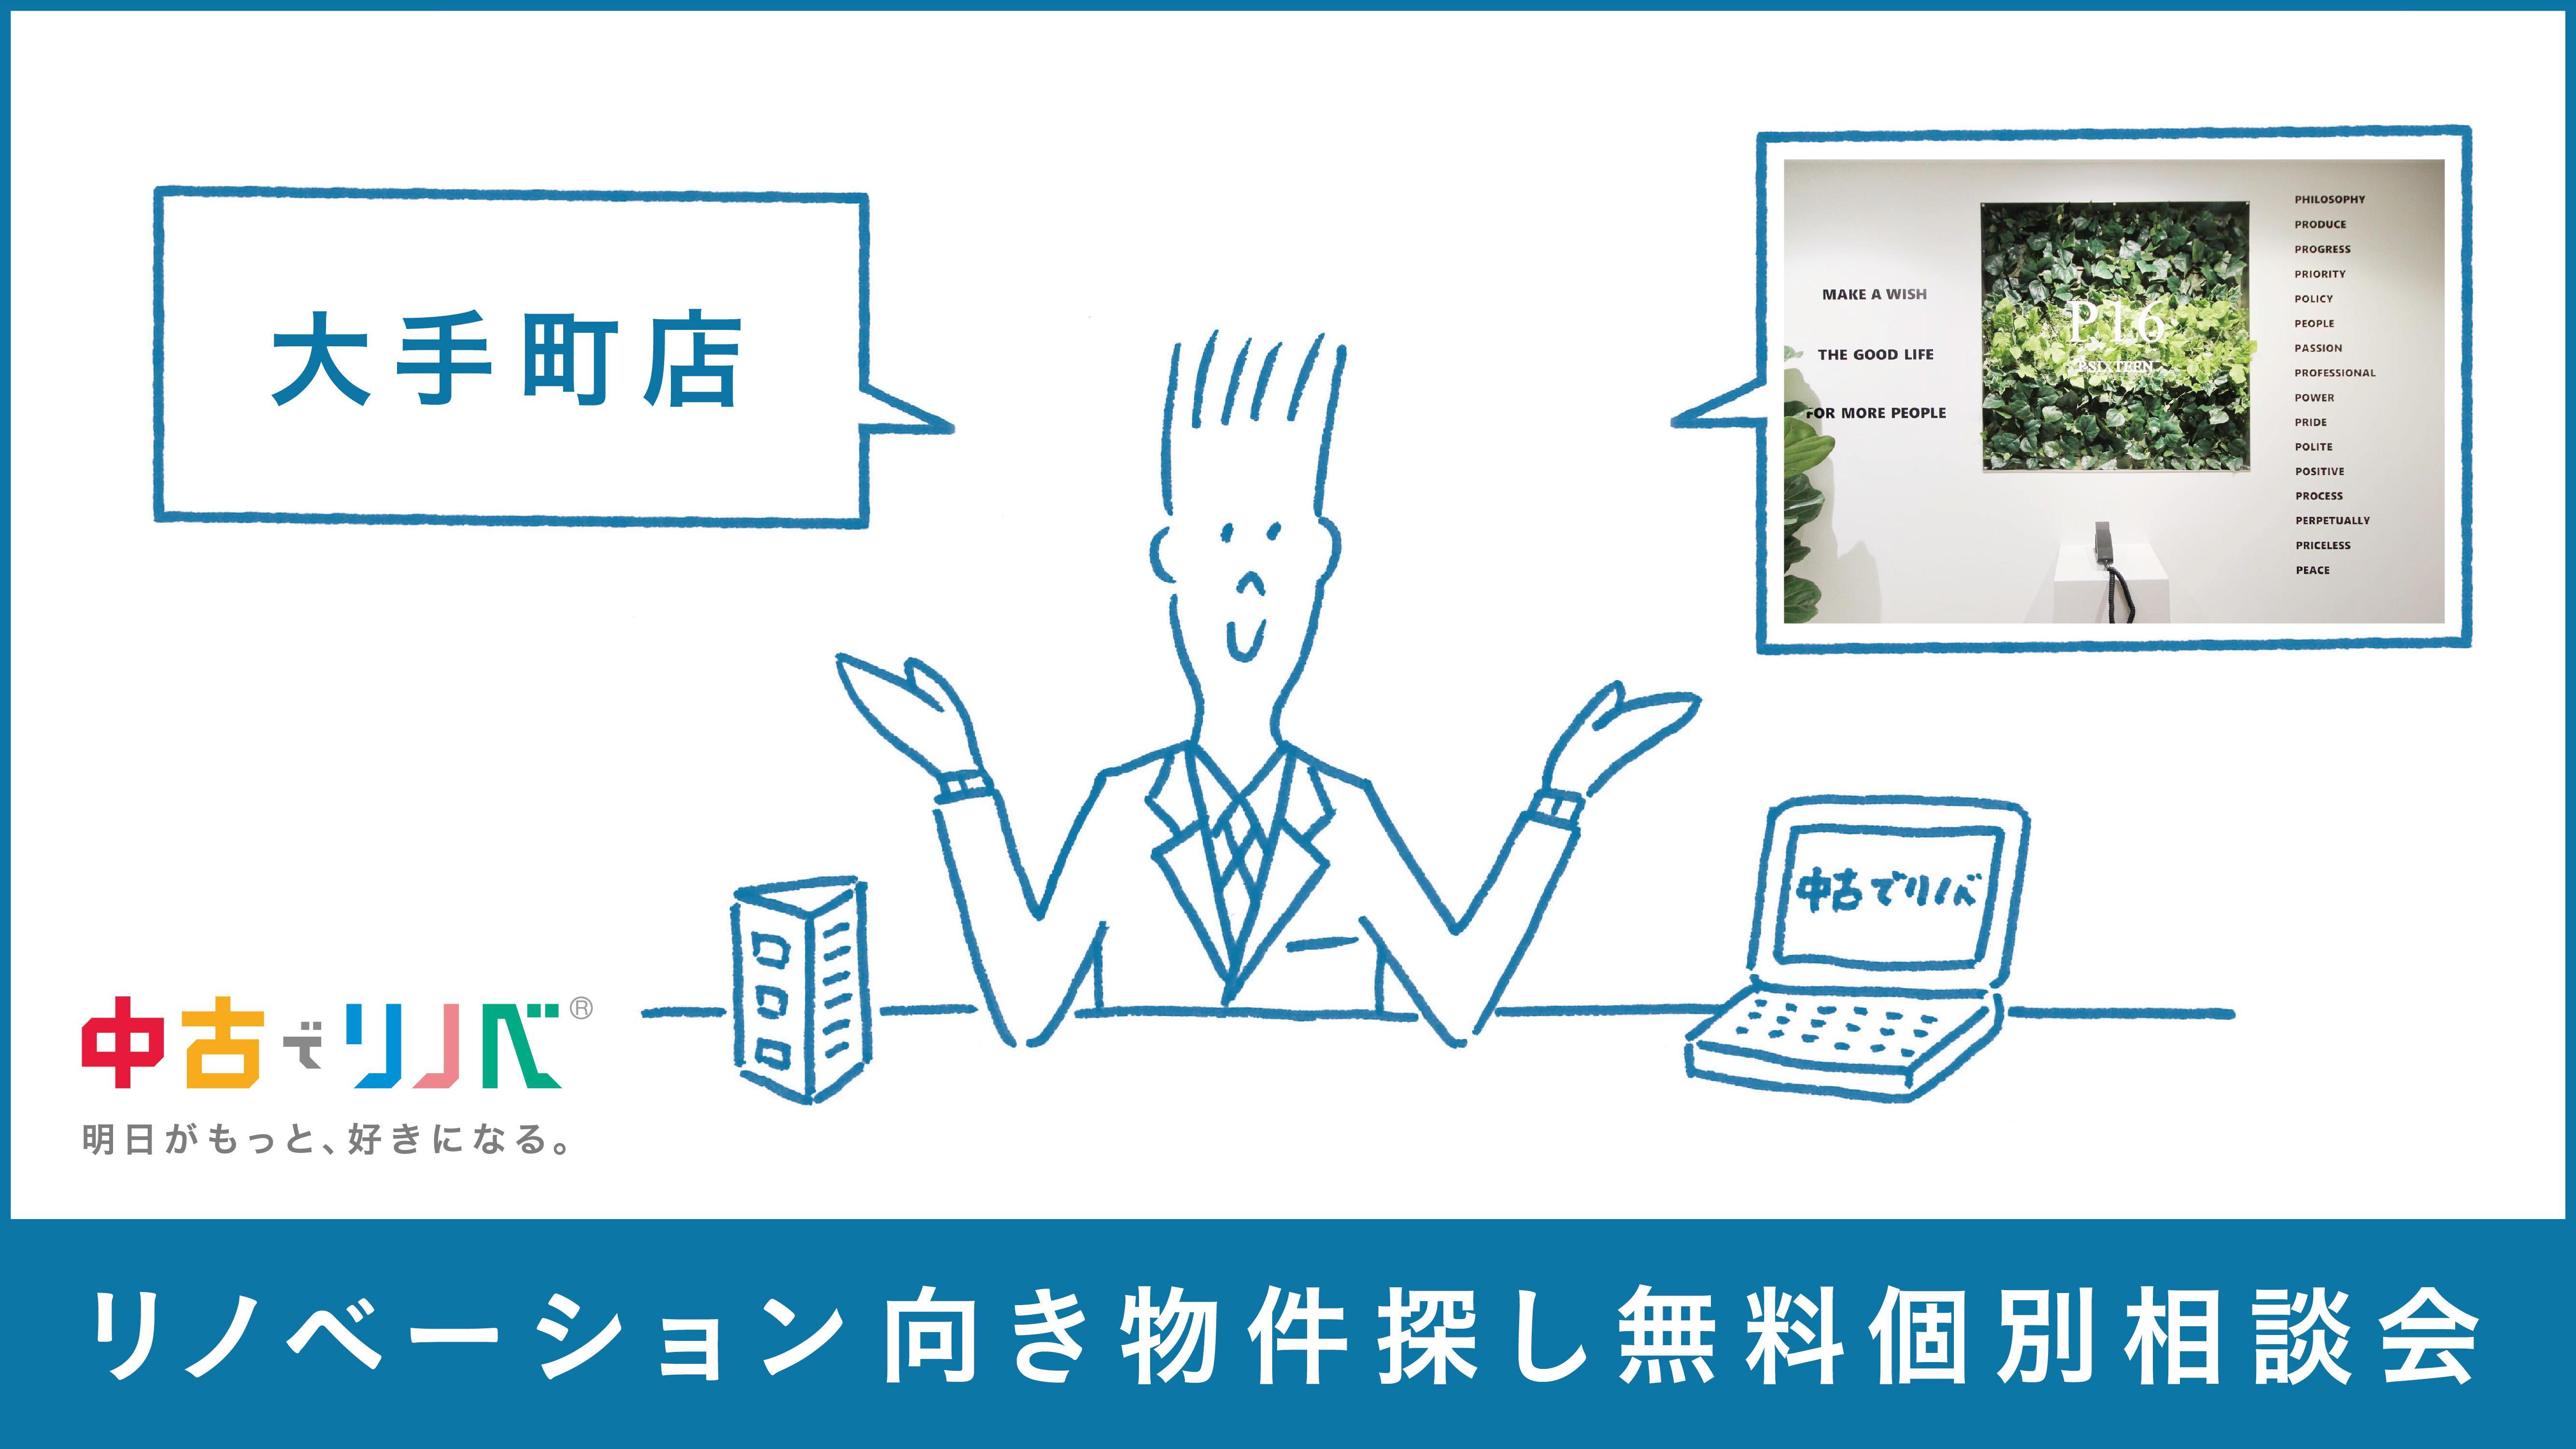 【1/13(土)14(日) in大手町】リノベーション向き物件探し無料個別相談会